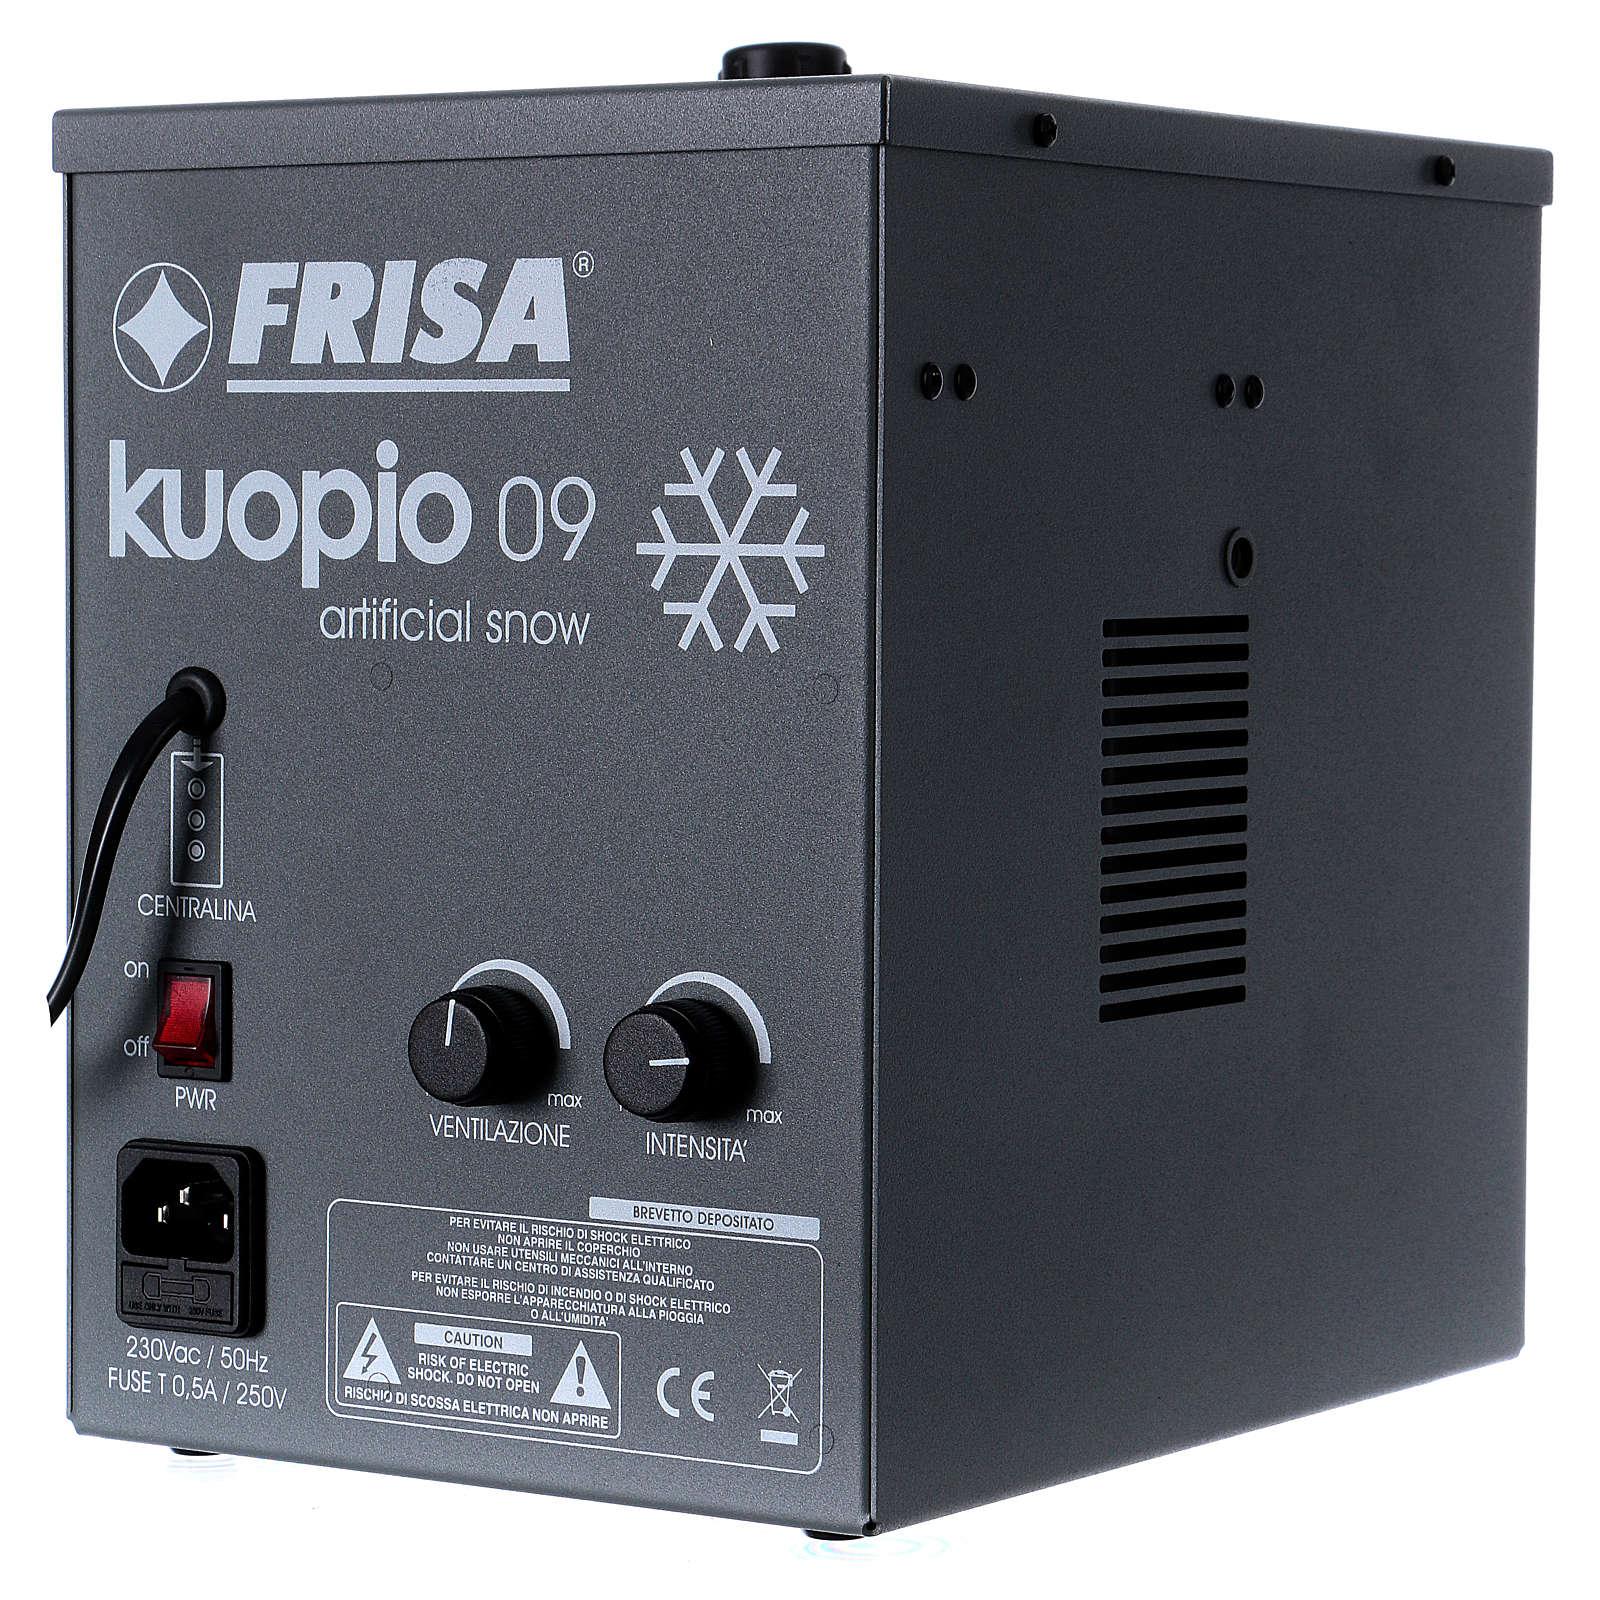 Kuopio 09, snow generator 4